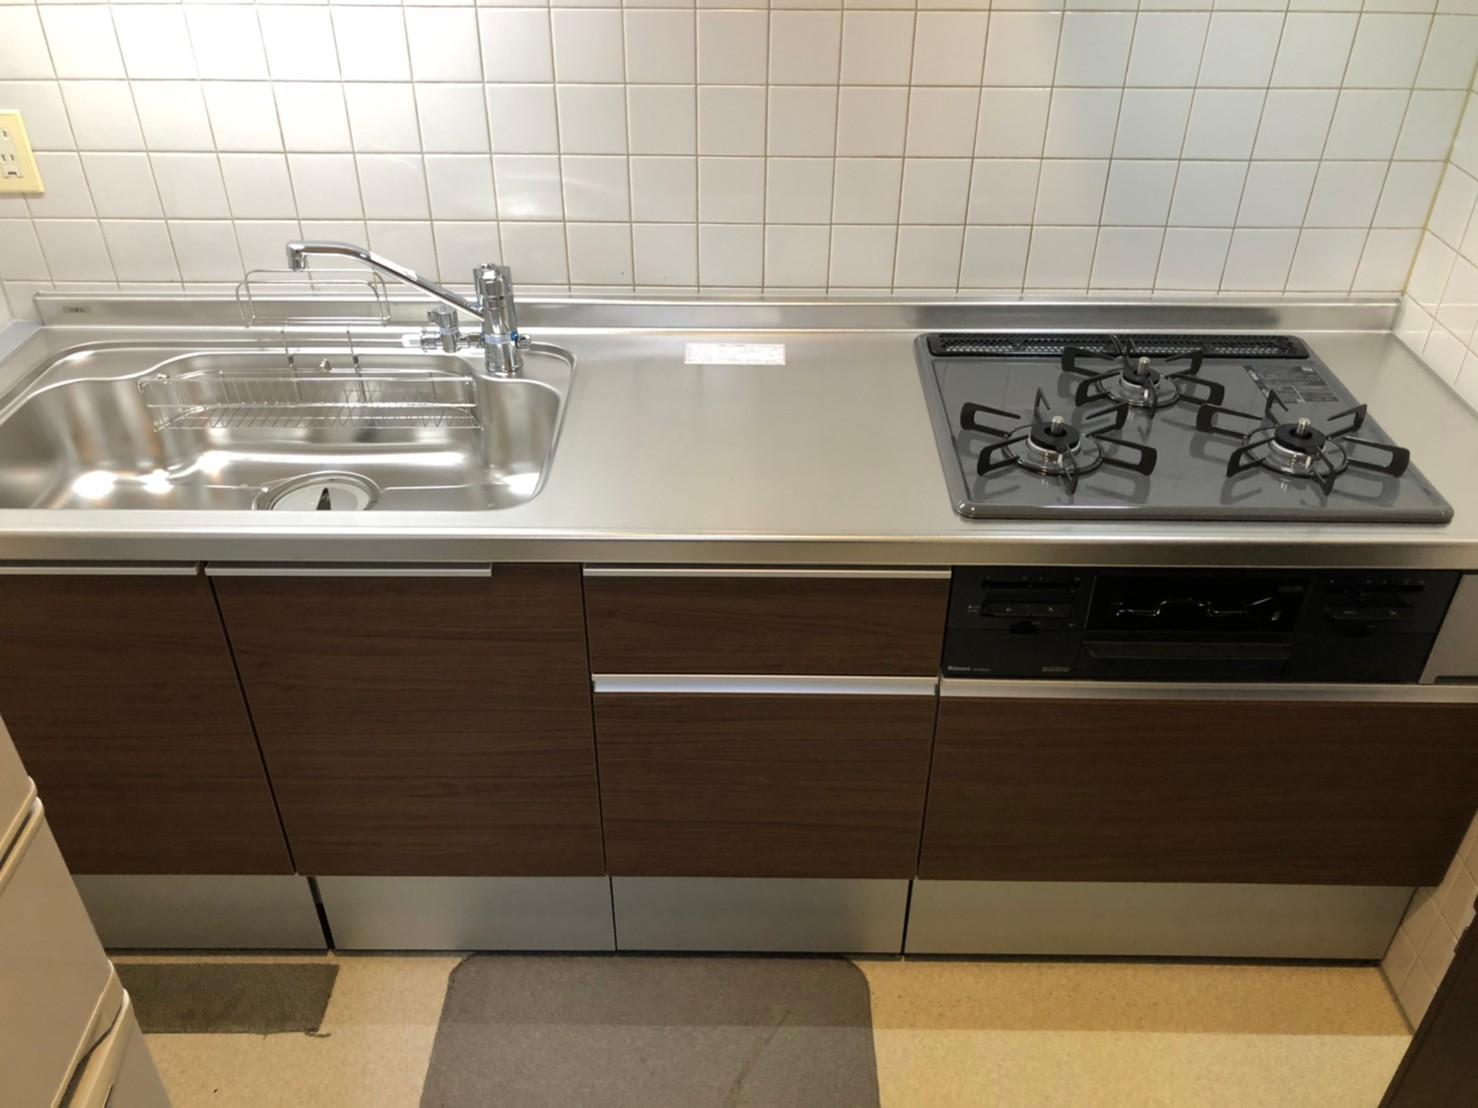 前橋市のアパートにてキッチンの改修工事が完了しました。